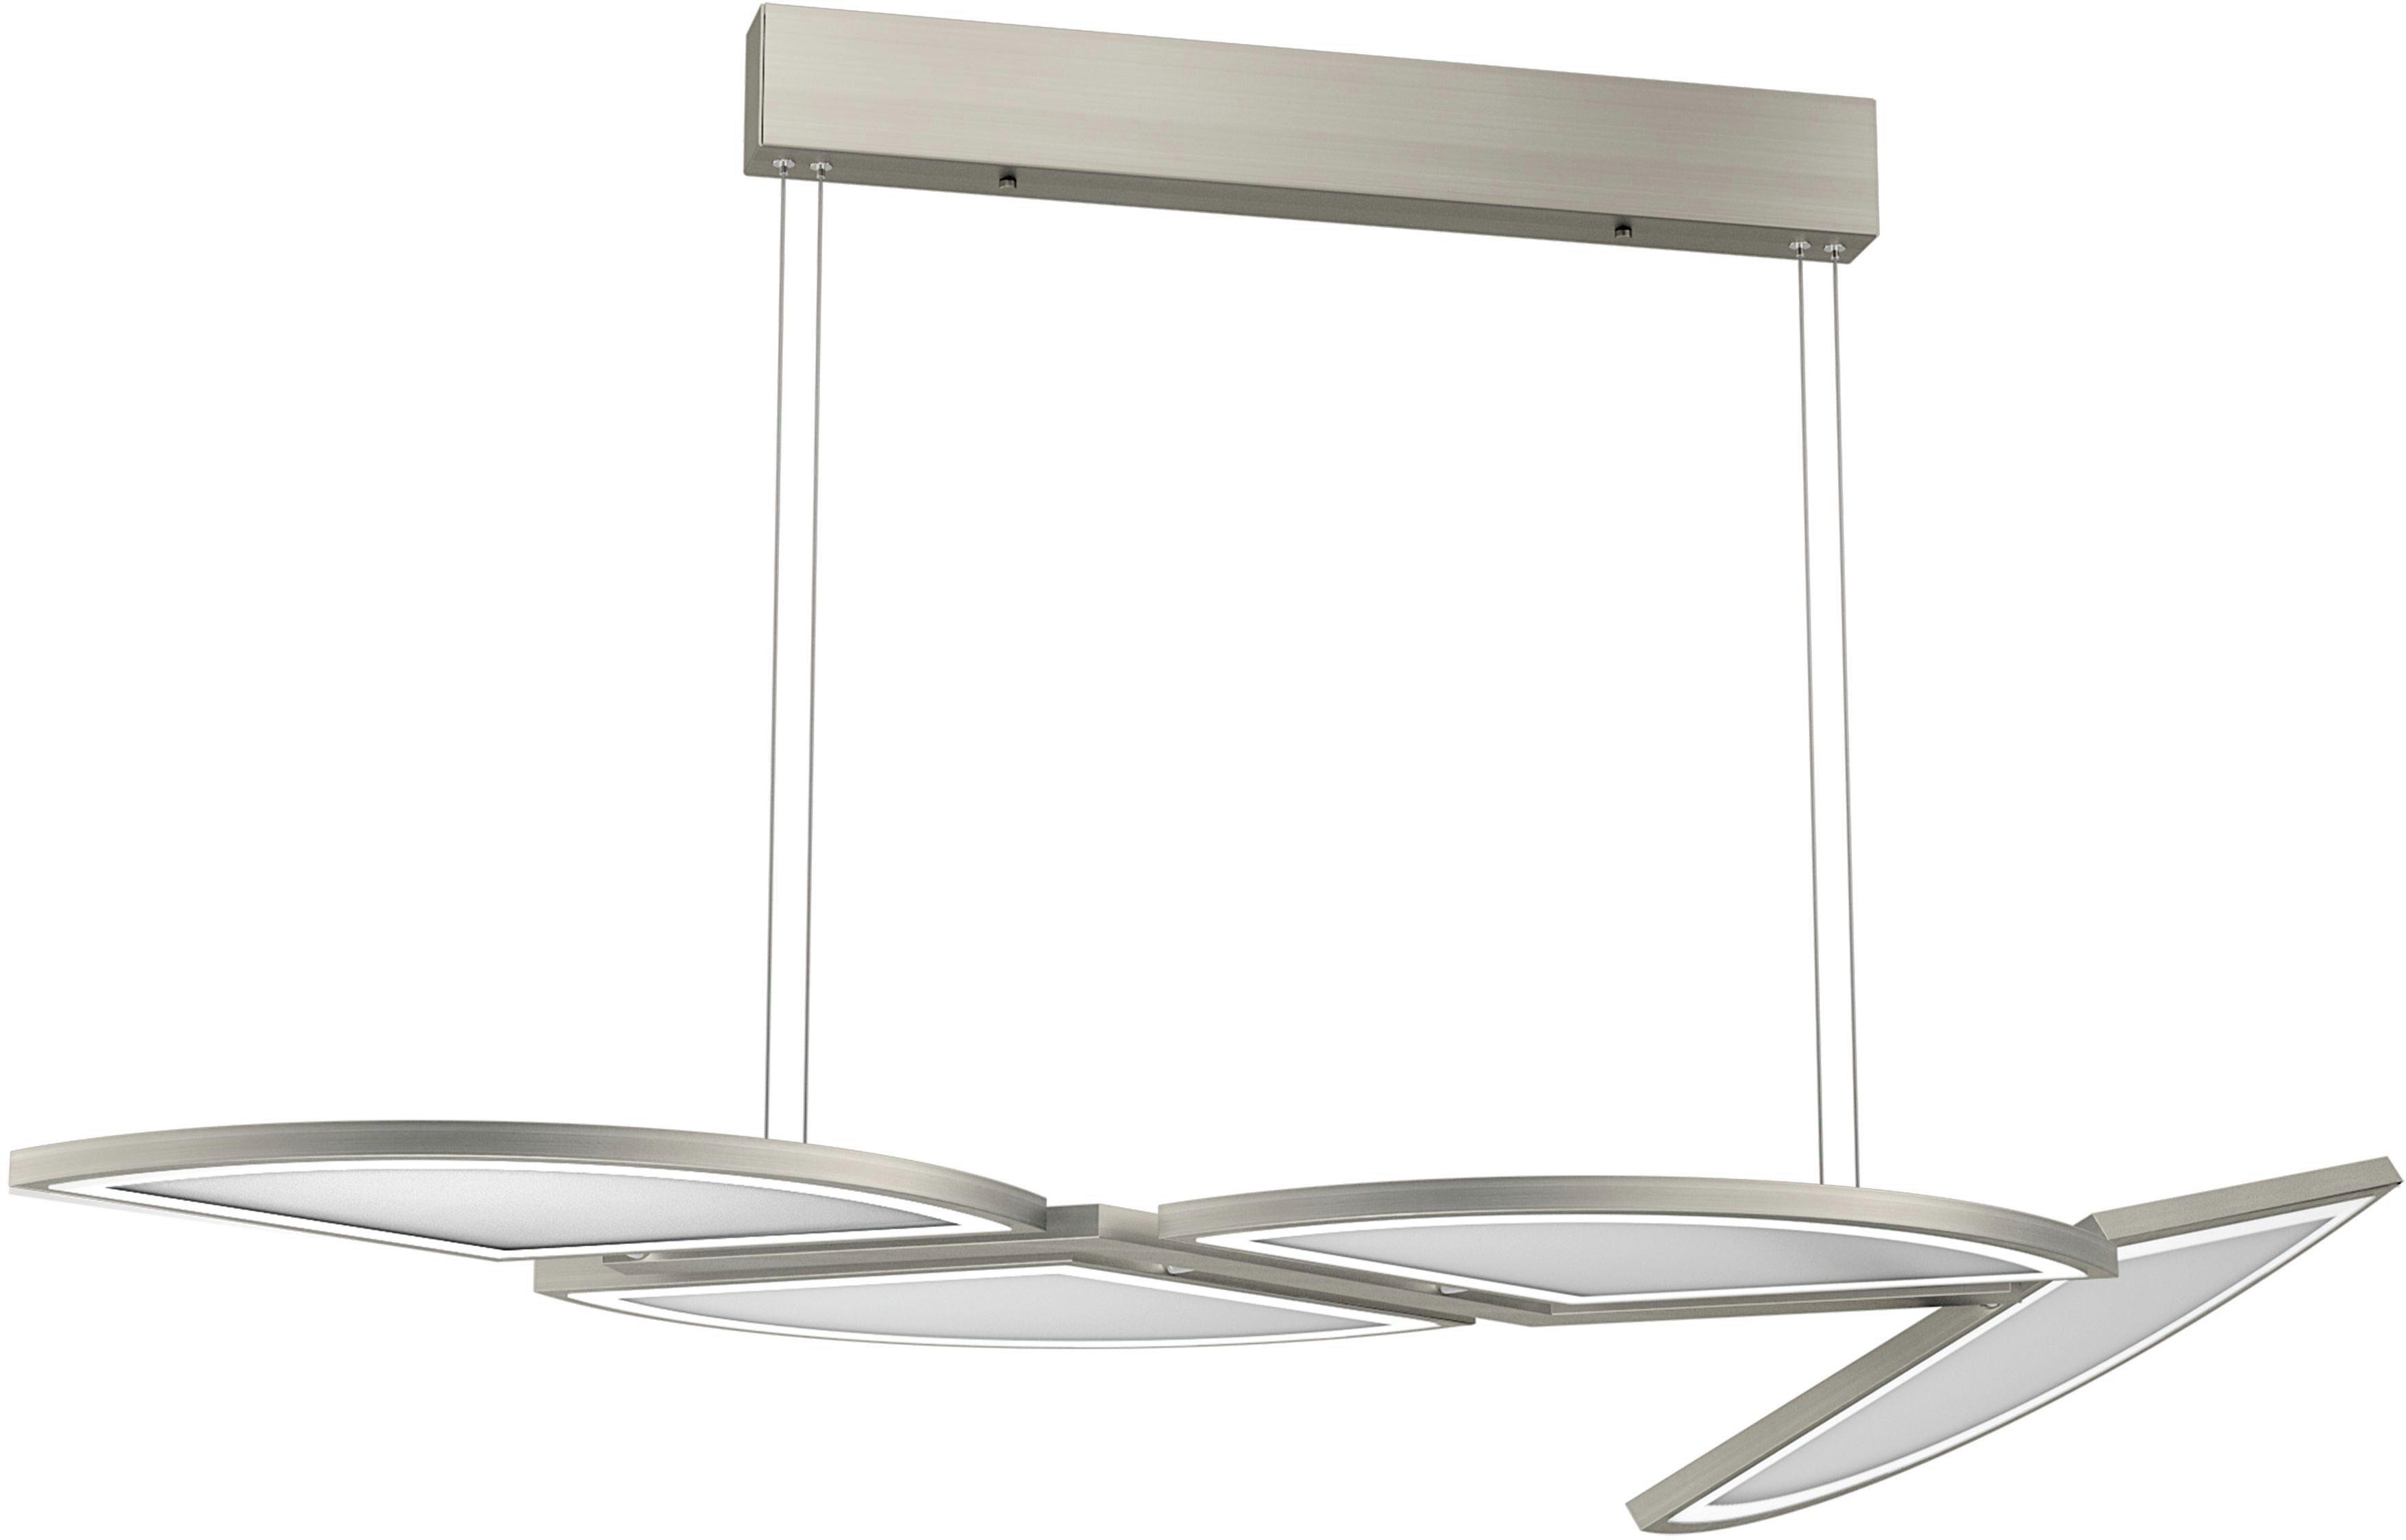 EVOTEC LED-Pendelleuchte, 4flg., »MOVIL«